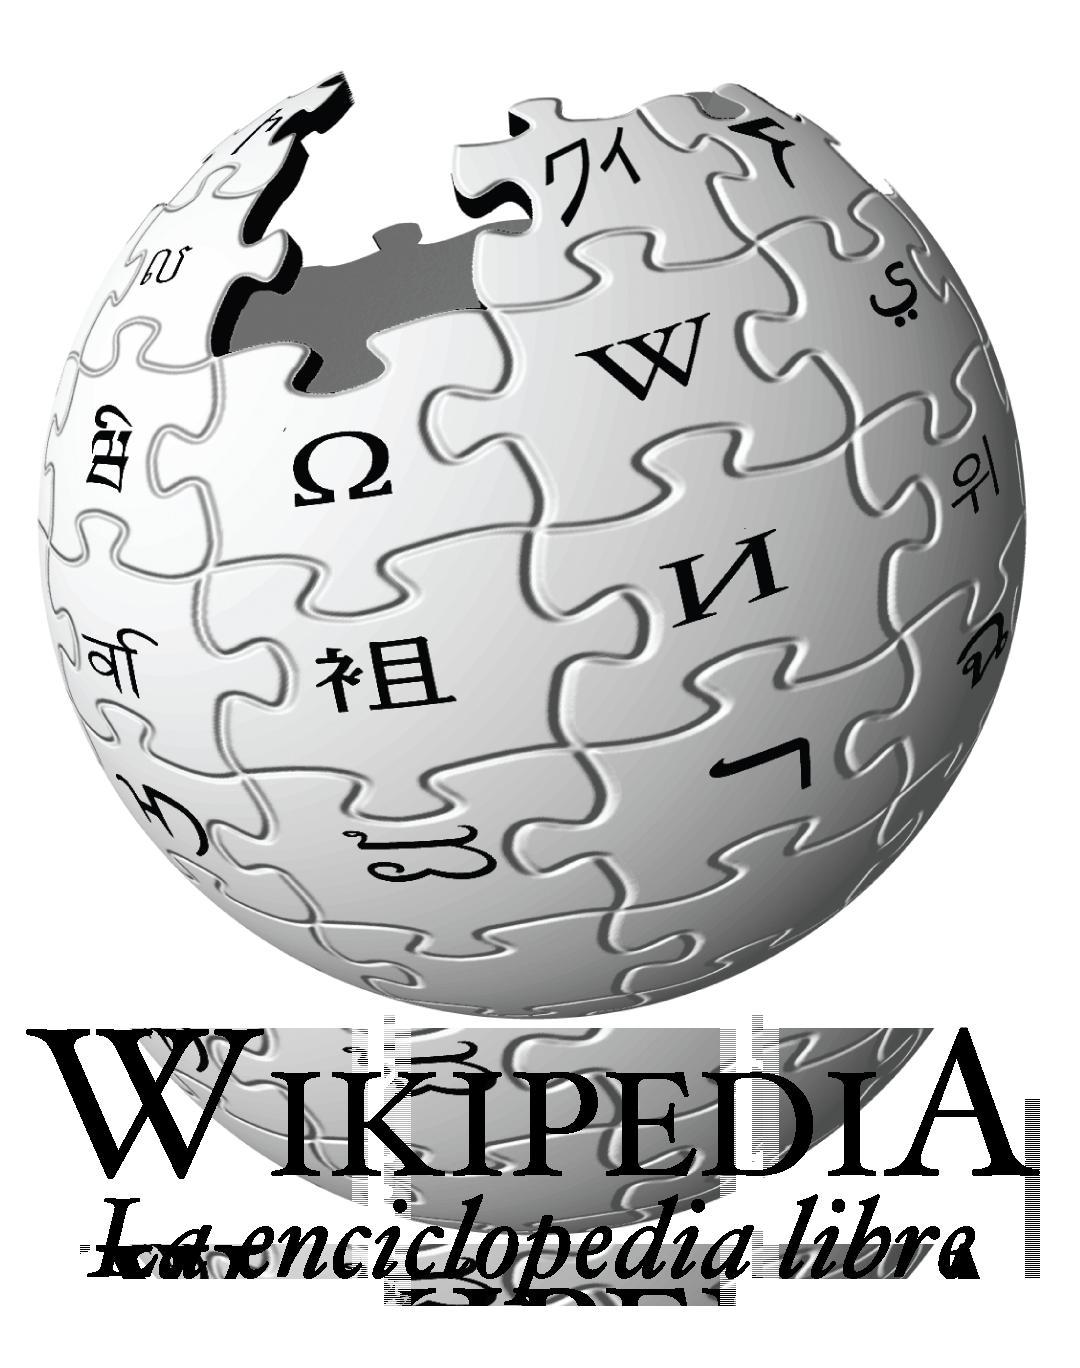 informacion sobre alimentos saludables wikipedia